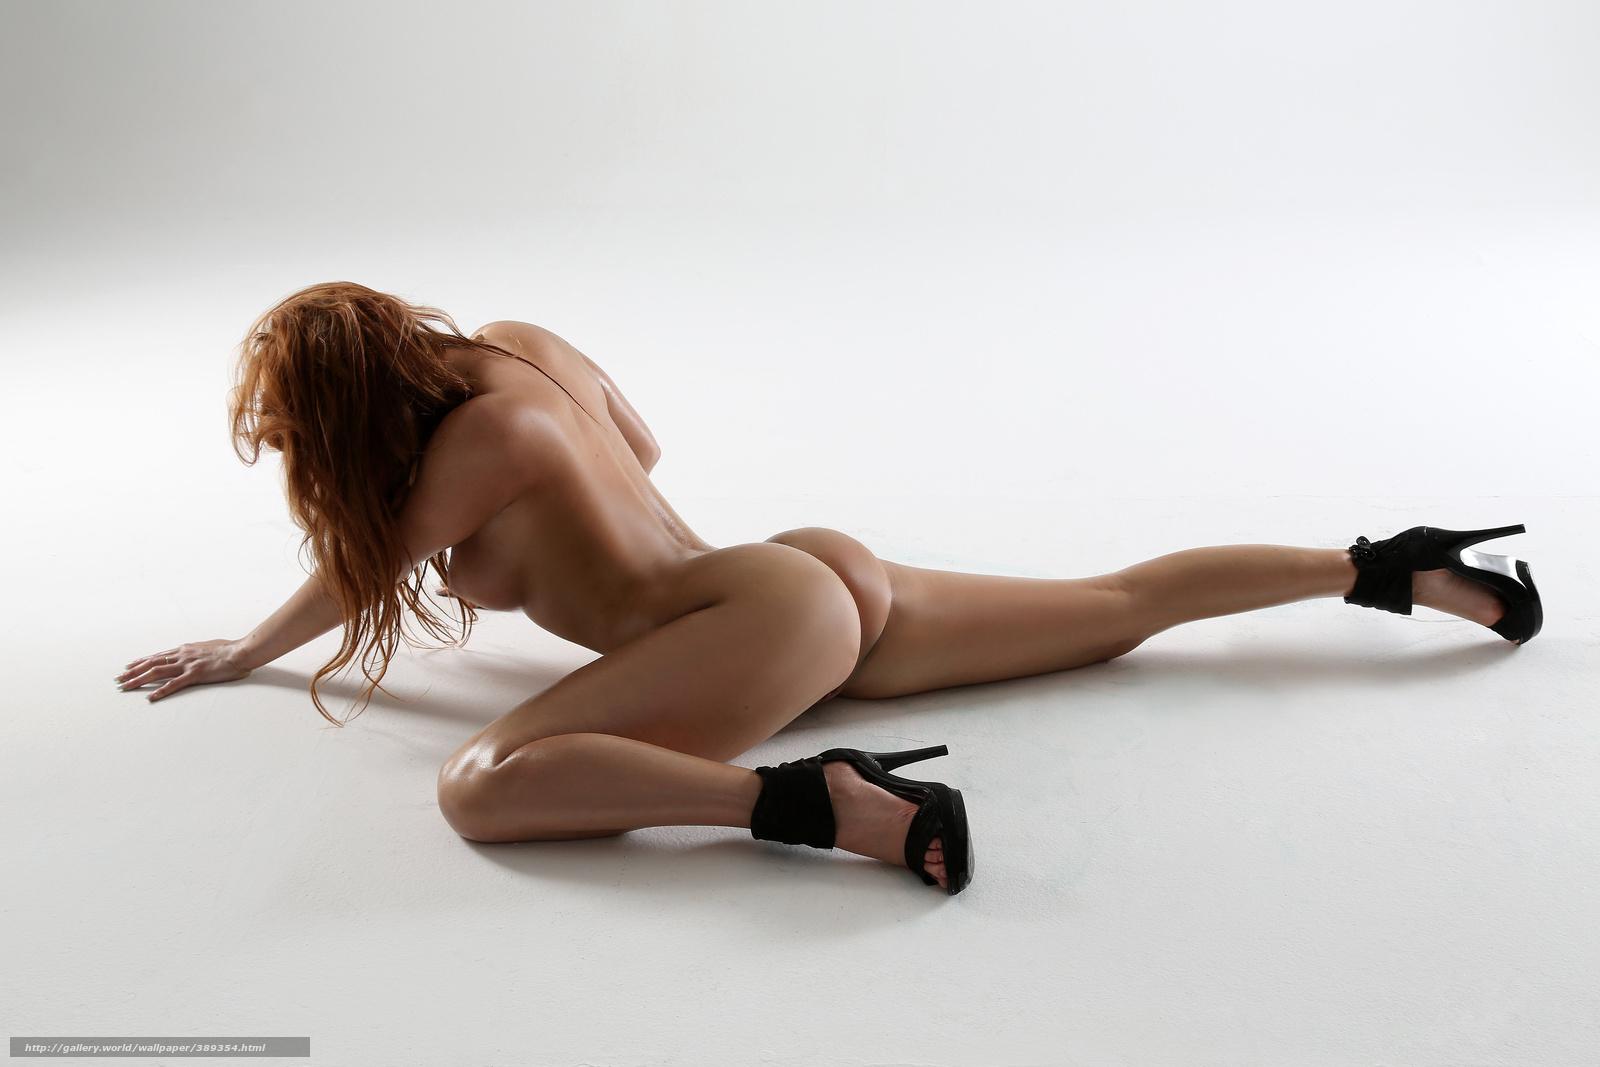 Сексуальные женские попы согнув ноги фото 19 фотография